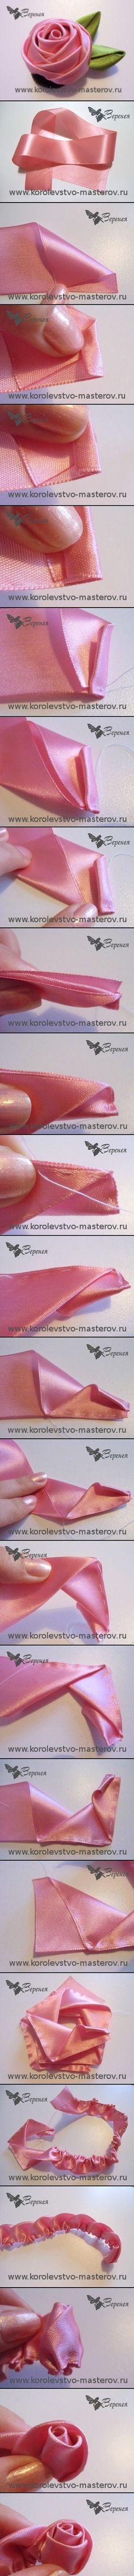 how to make ribbon roses Ribbon Art, Diy Ribbon, Fabric Ribbon, Ribbon Crafts, Flower Crafts, Ribbon Bows, Fabric Crafts, Ribbons, Cloth Flowers